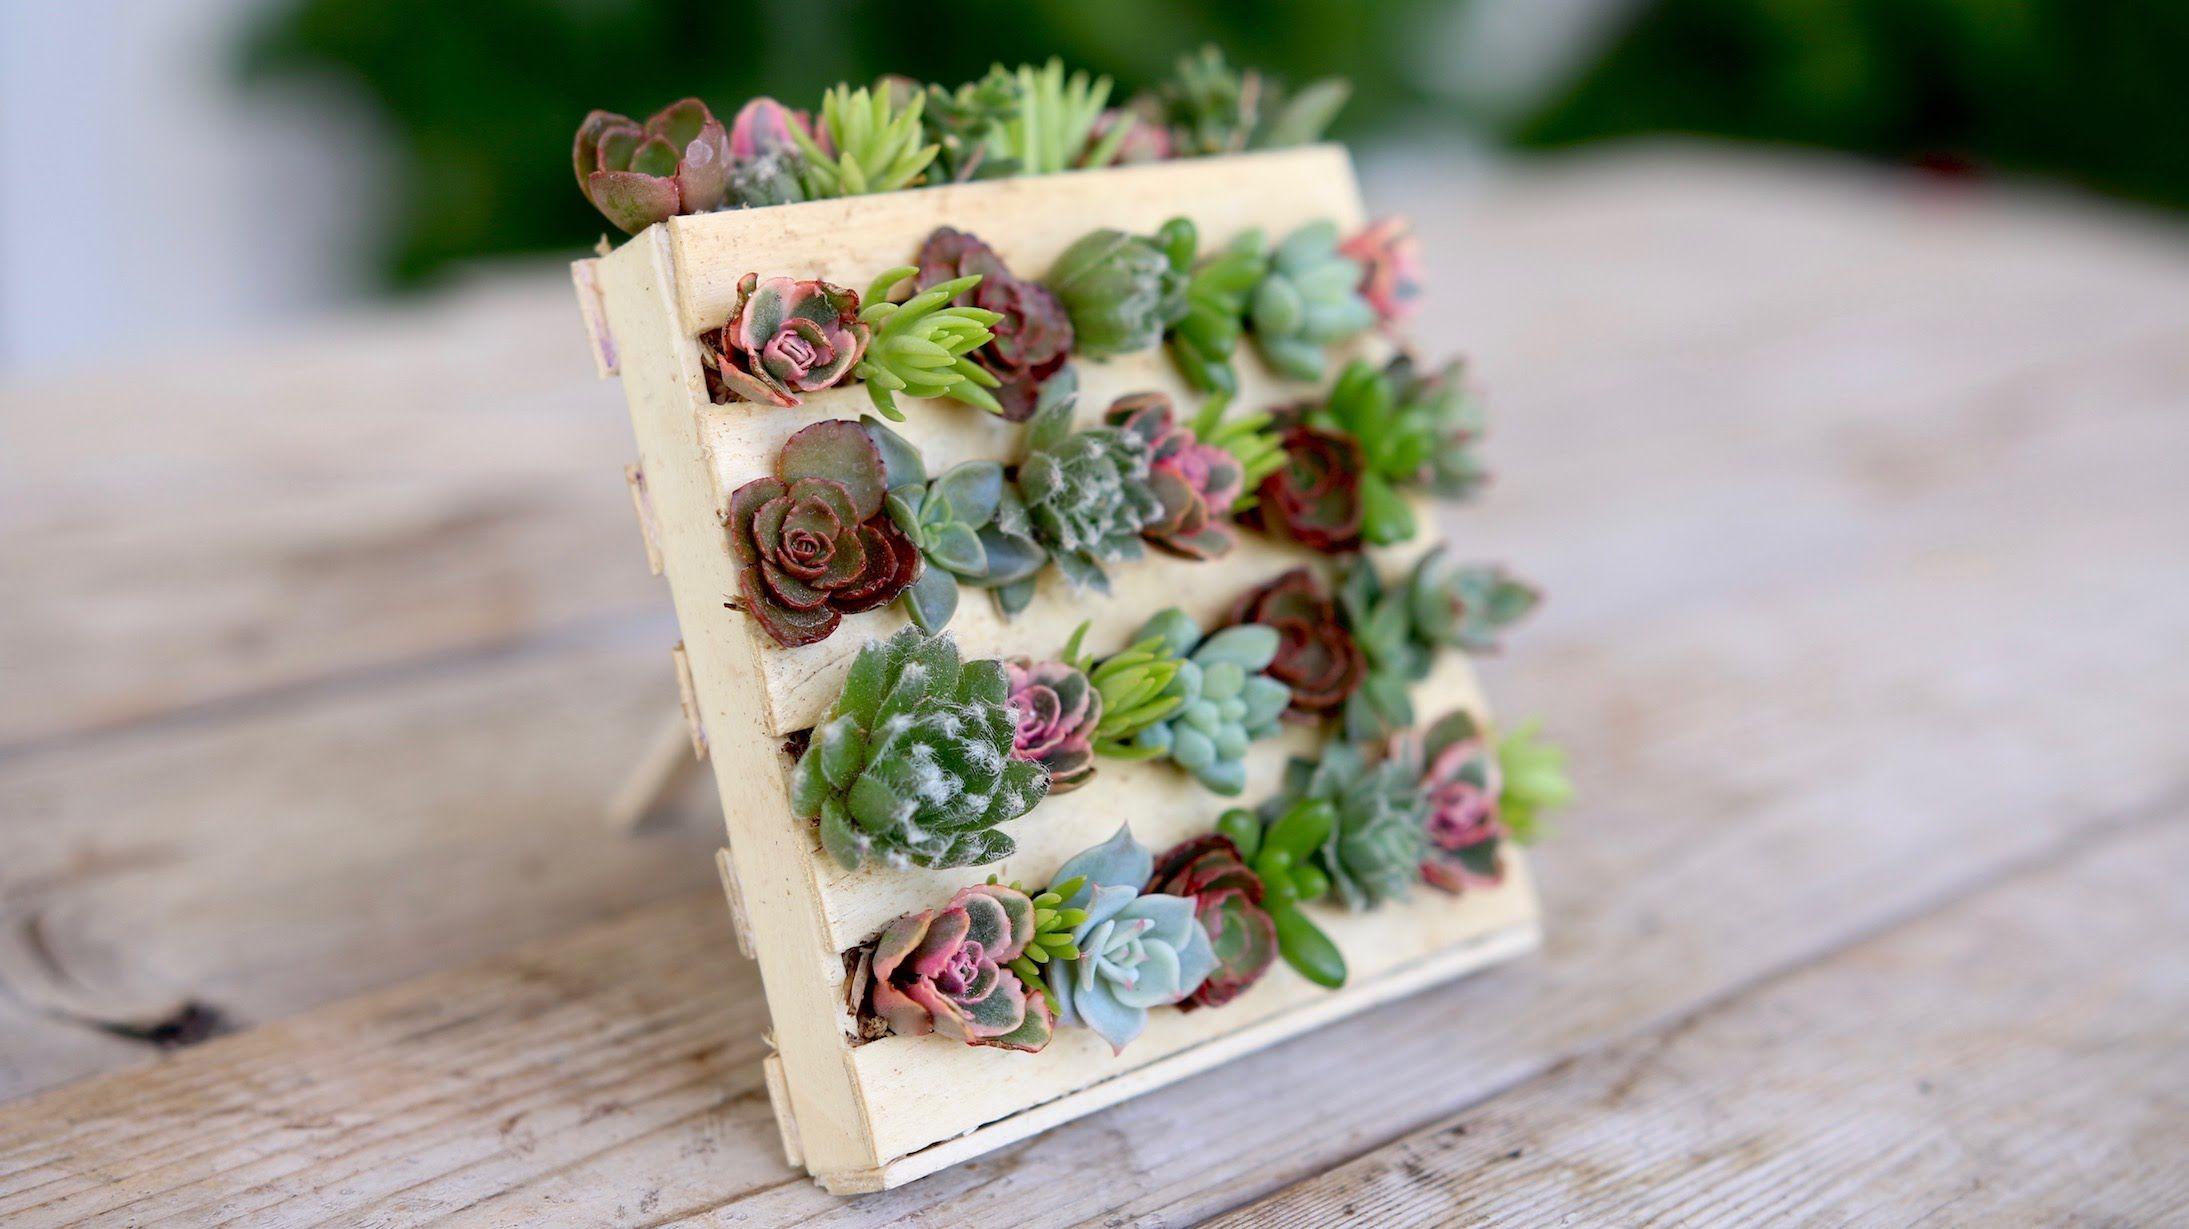 Minyatür Bahçe Yapımı Malzemeleri Ile çok Güzel Bir Bahçe Yapıyoruz